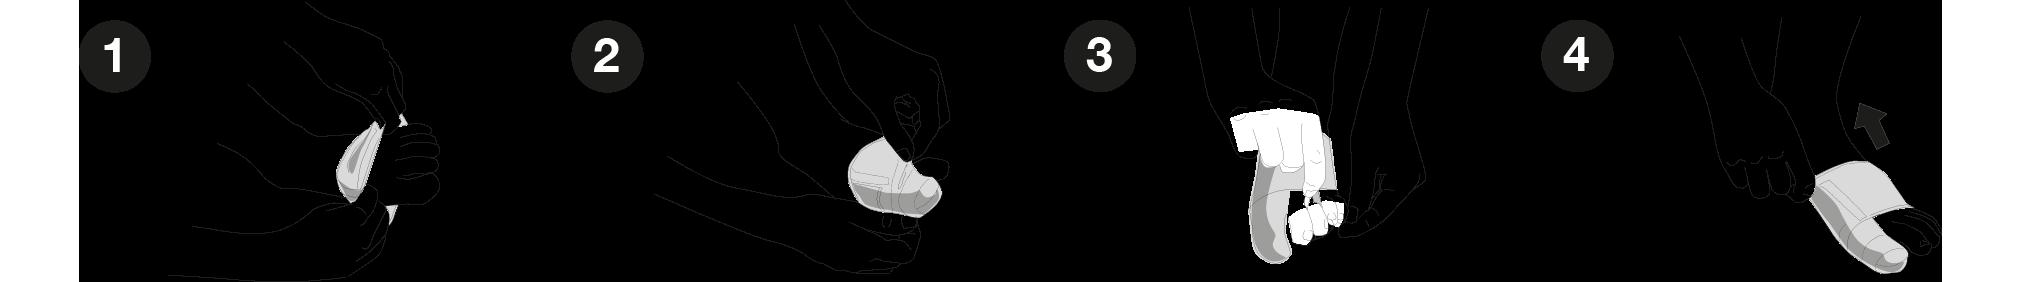 Como colocar el Corrector de juanete y desgaste plantar de Farmalastic